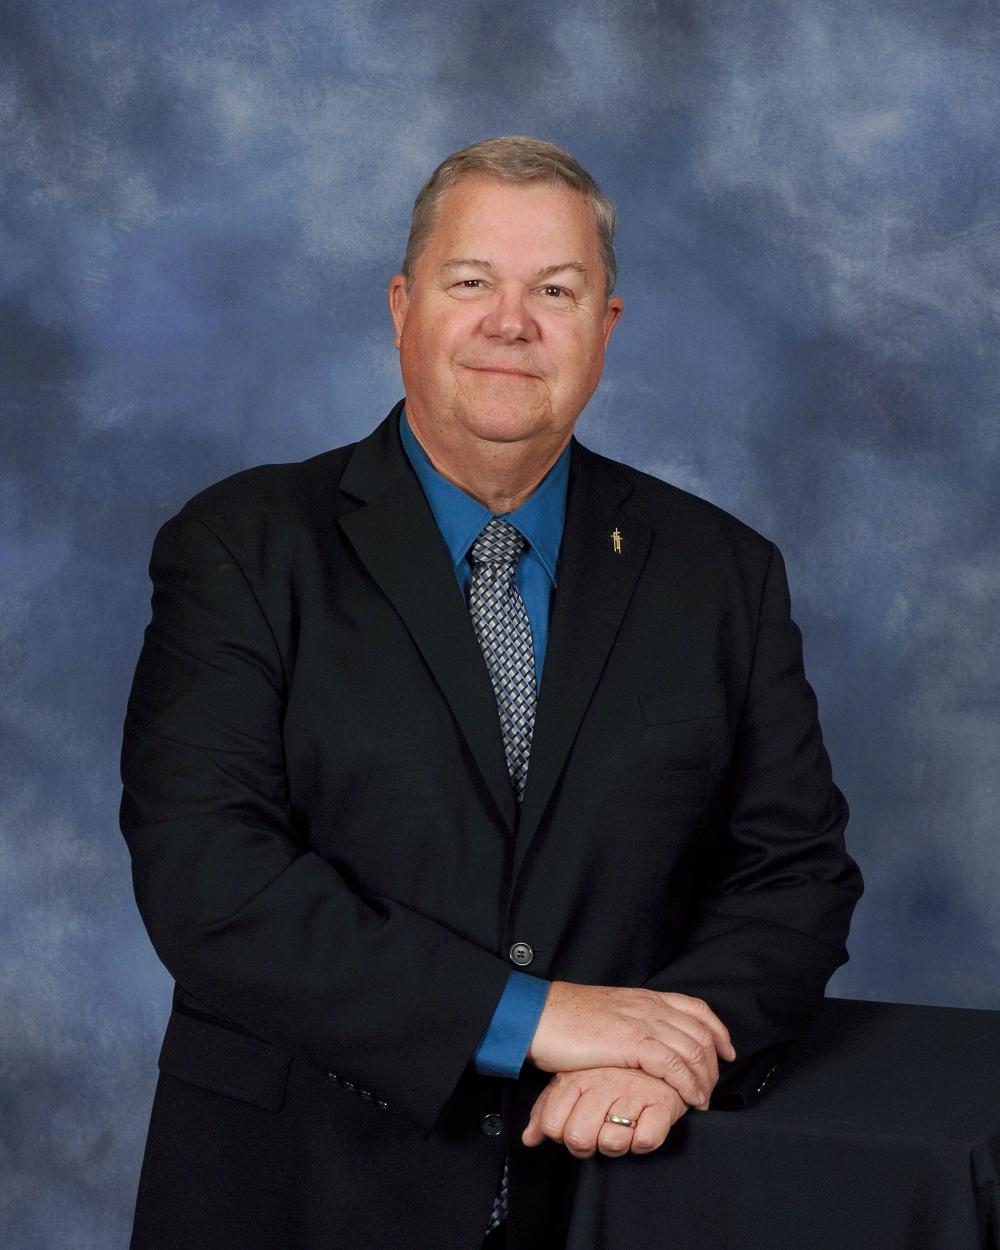 Pastor Tom Porter